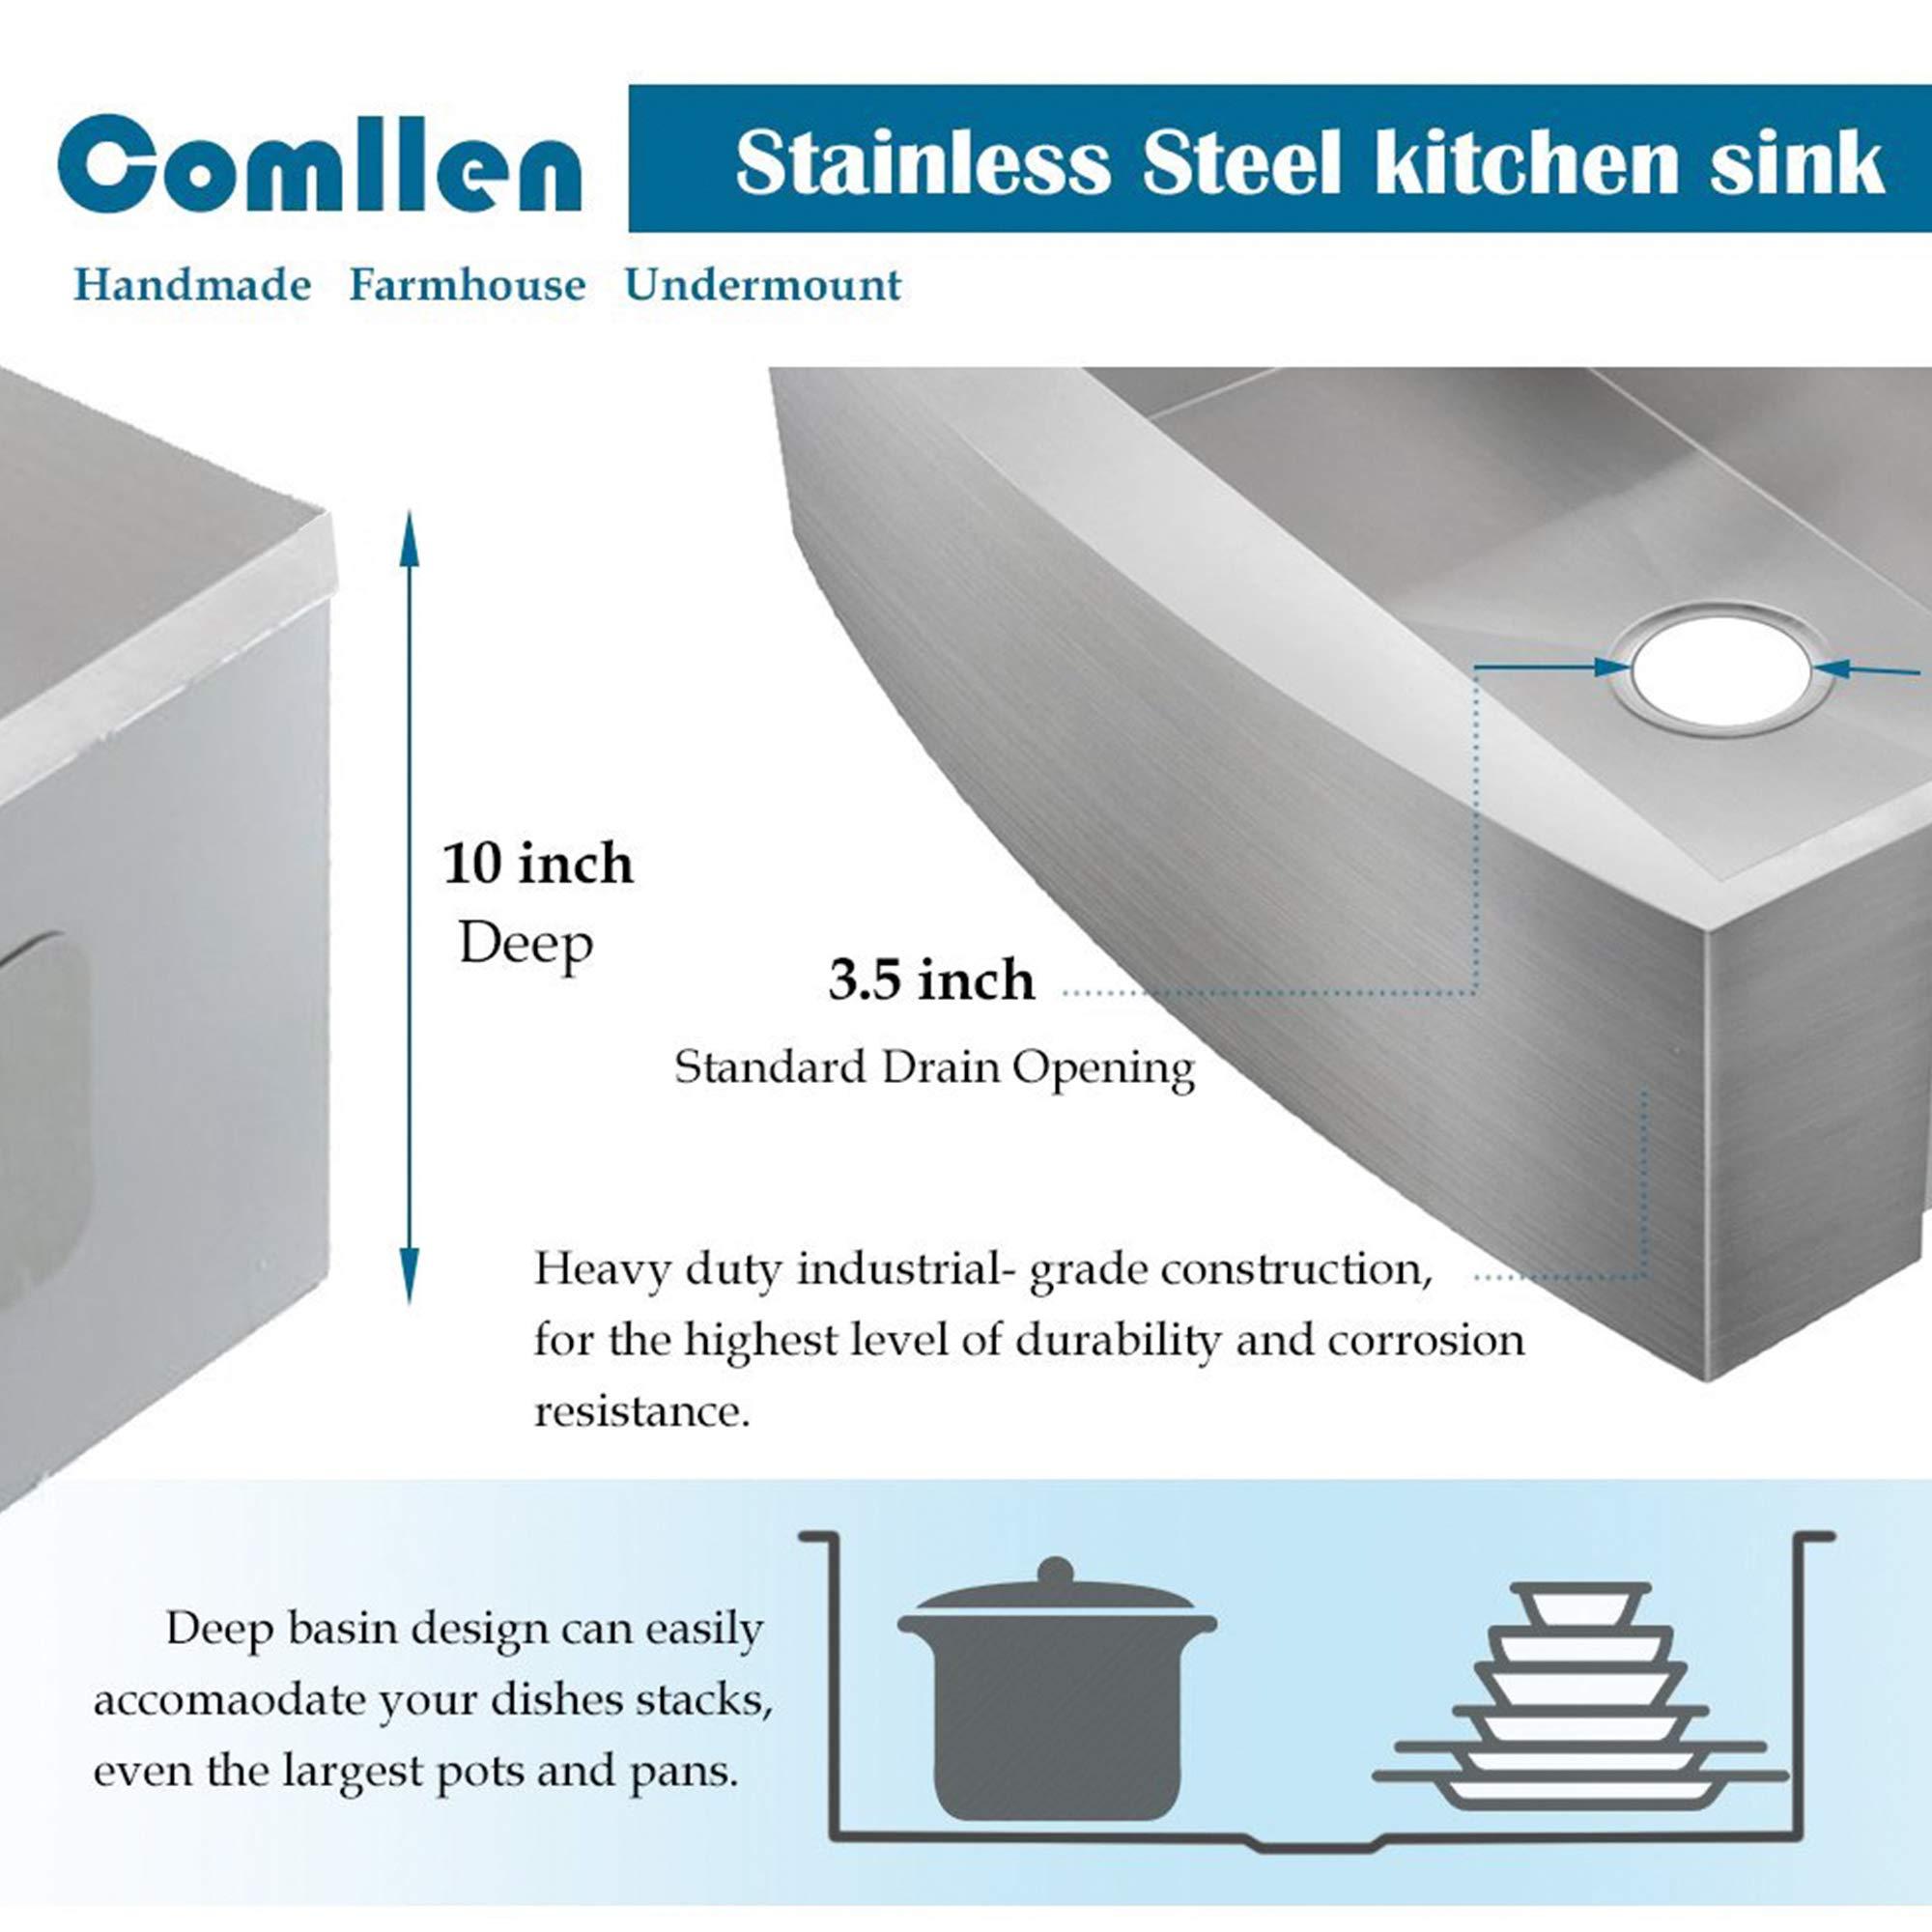 Comllen 33 Inch 304 Stainless Steel Farmhouse Kitchen Sink, Single Bowl 16 Gauge 10 Inch Deep Handmade Undermount Apron Kitchen Sink by Comllen (Image #4)